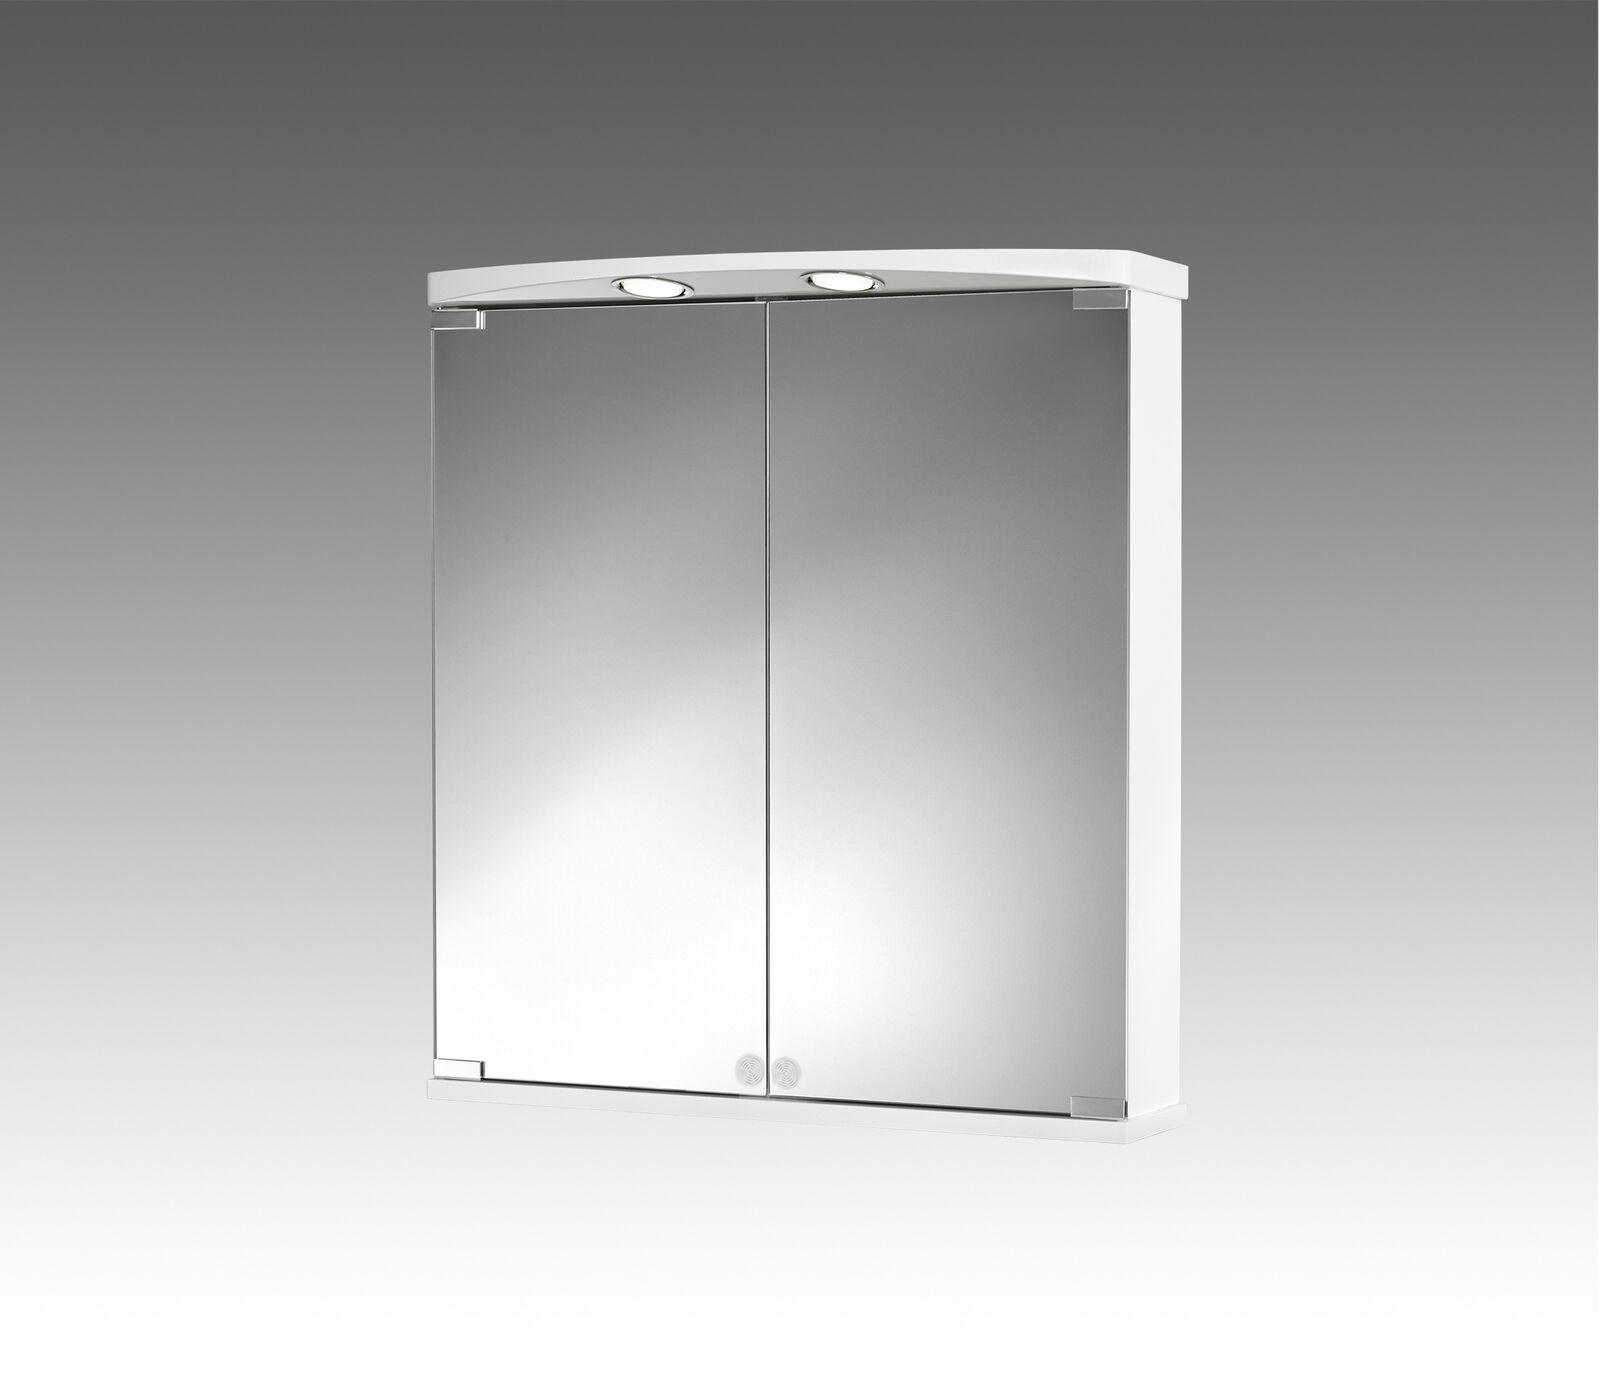 alibert spiegelschrank mit beleuchtung test vergleich. Black Bedroom Furniture Sets. Home Design Ideas